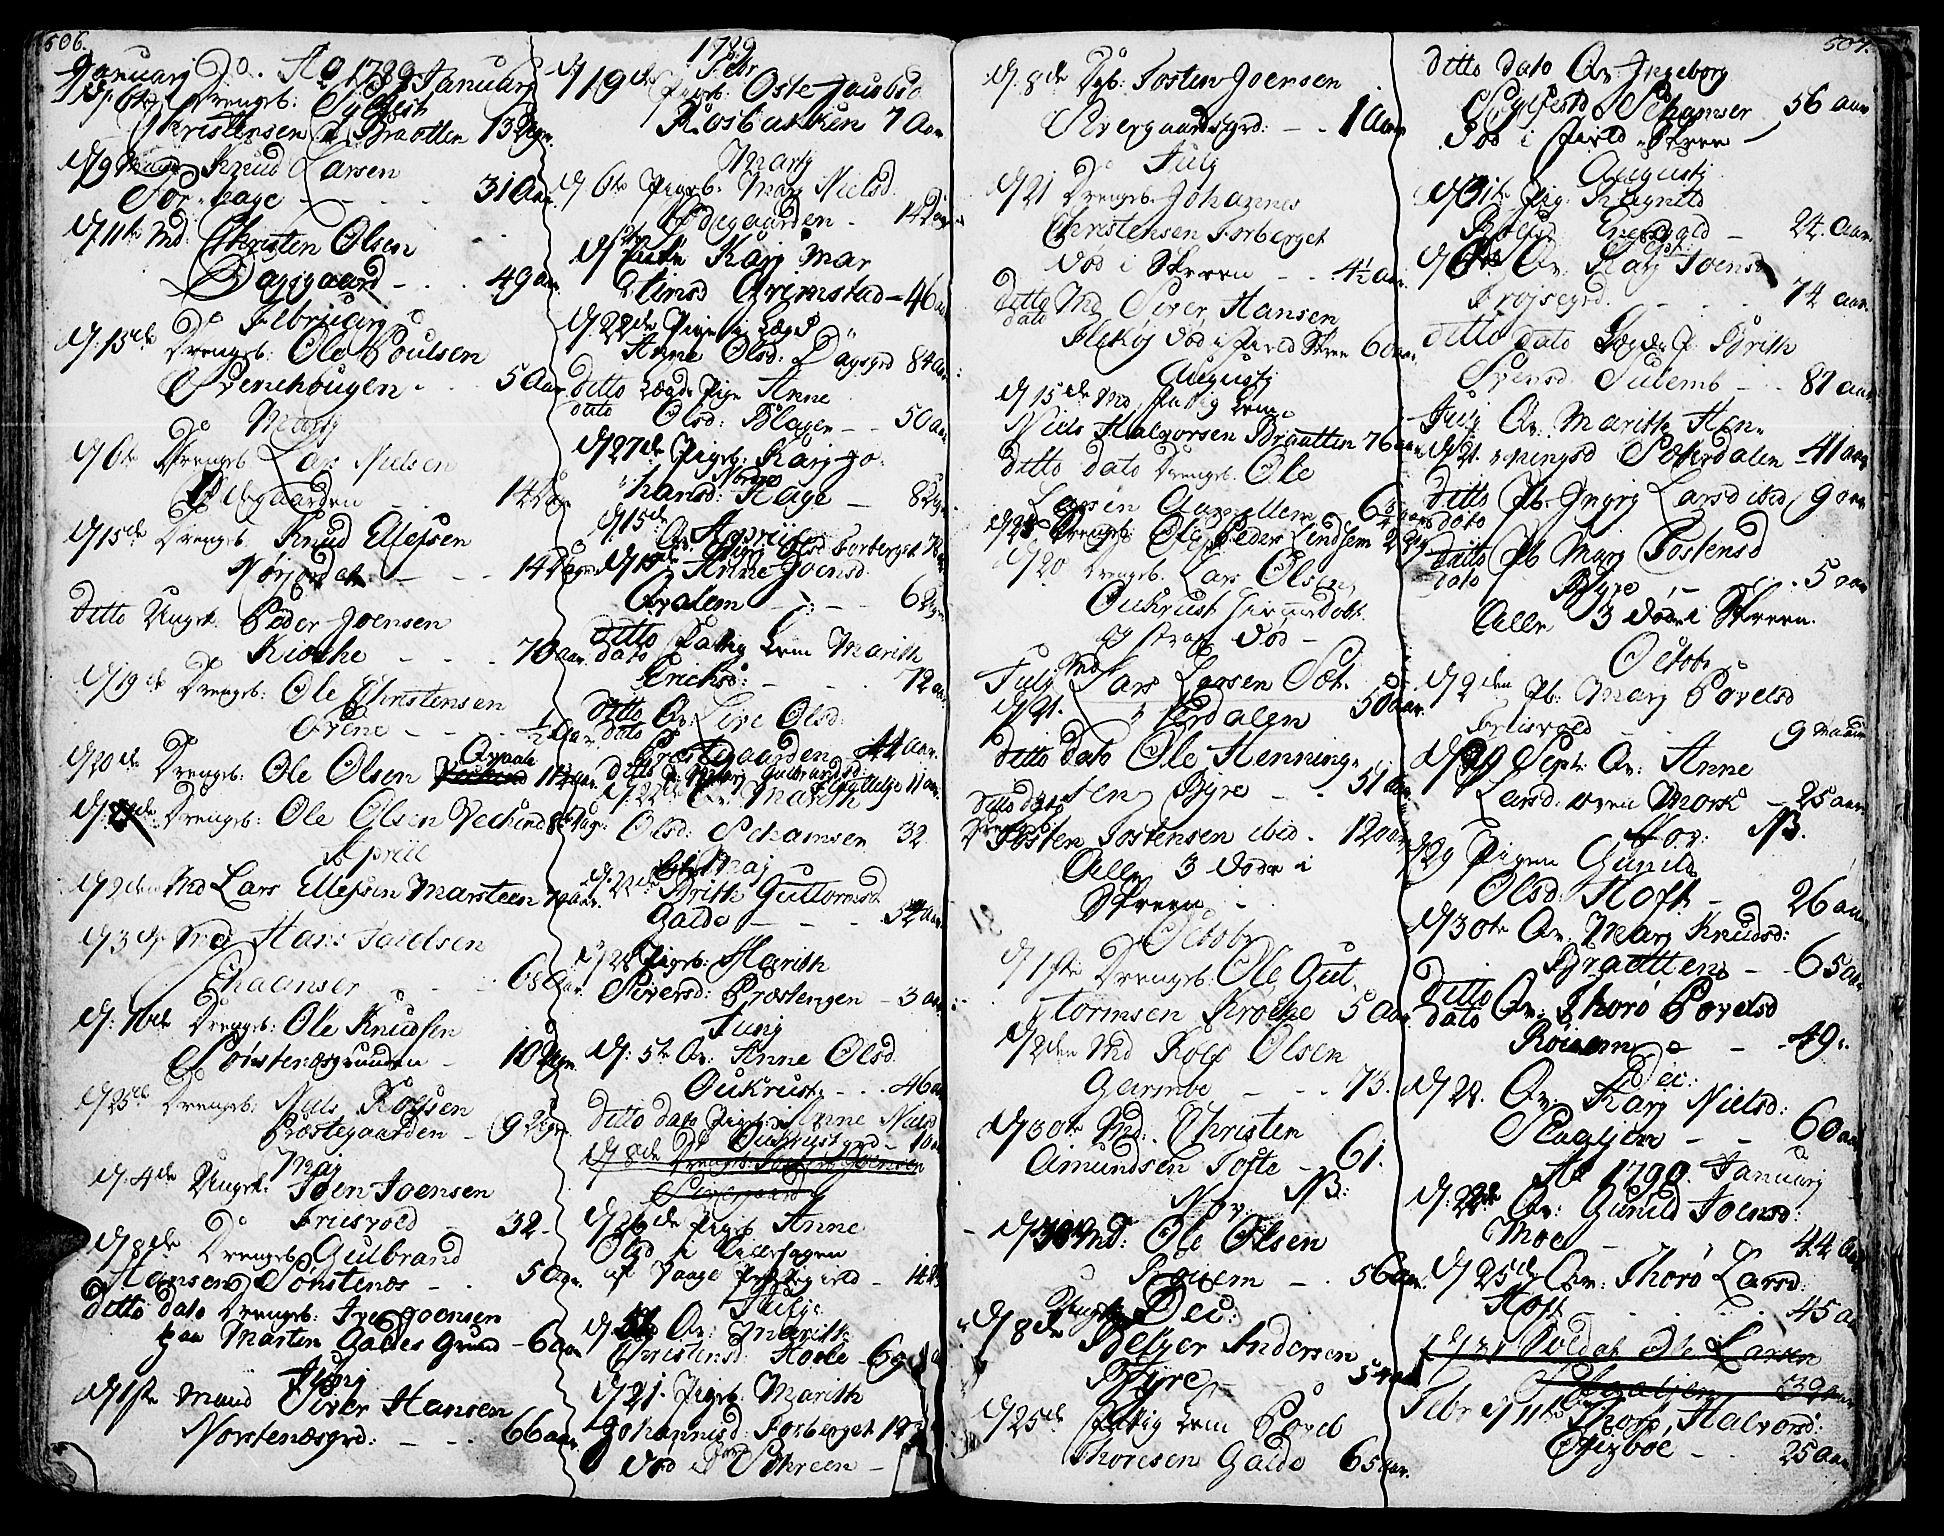 SAH, Lom prestekontor, K/L0002: Ministerialbok nr. 2, 1749-1801, s. 506-507